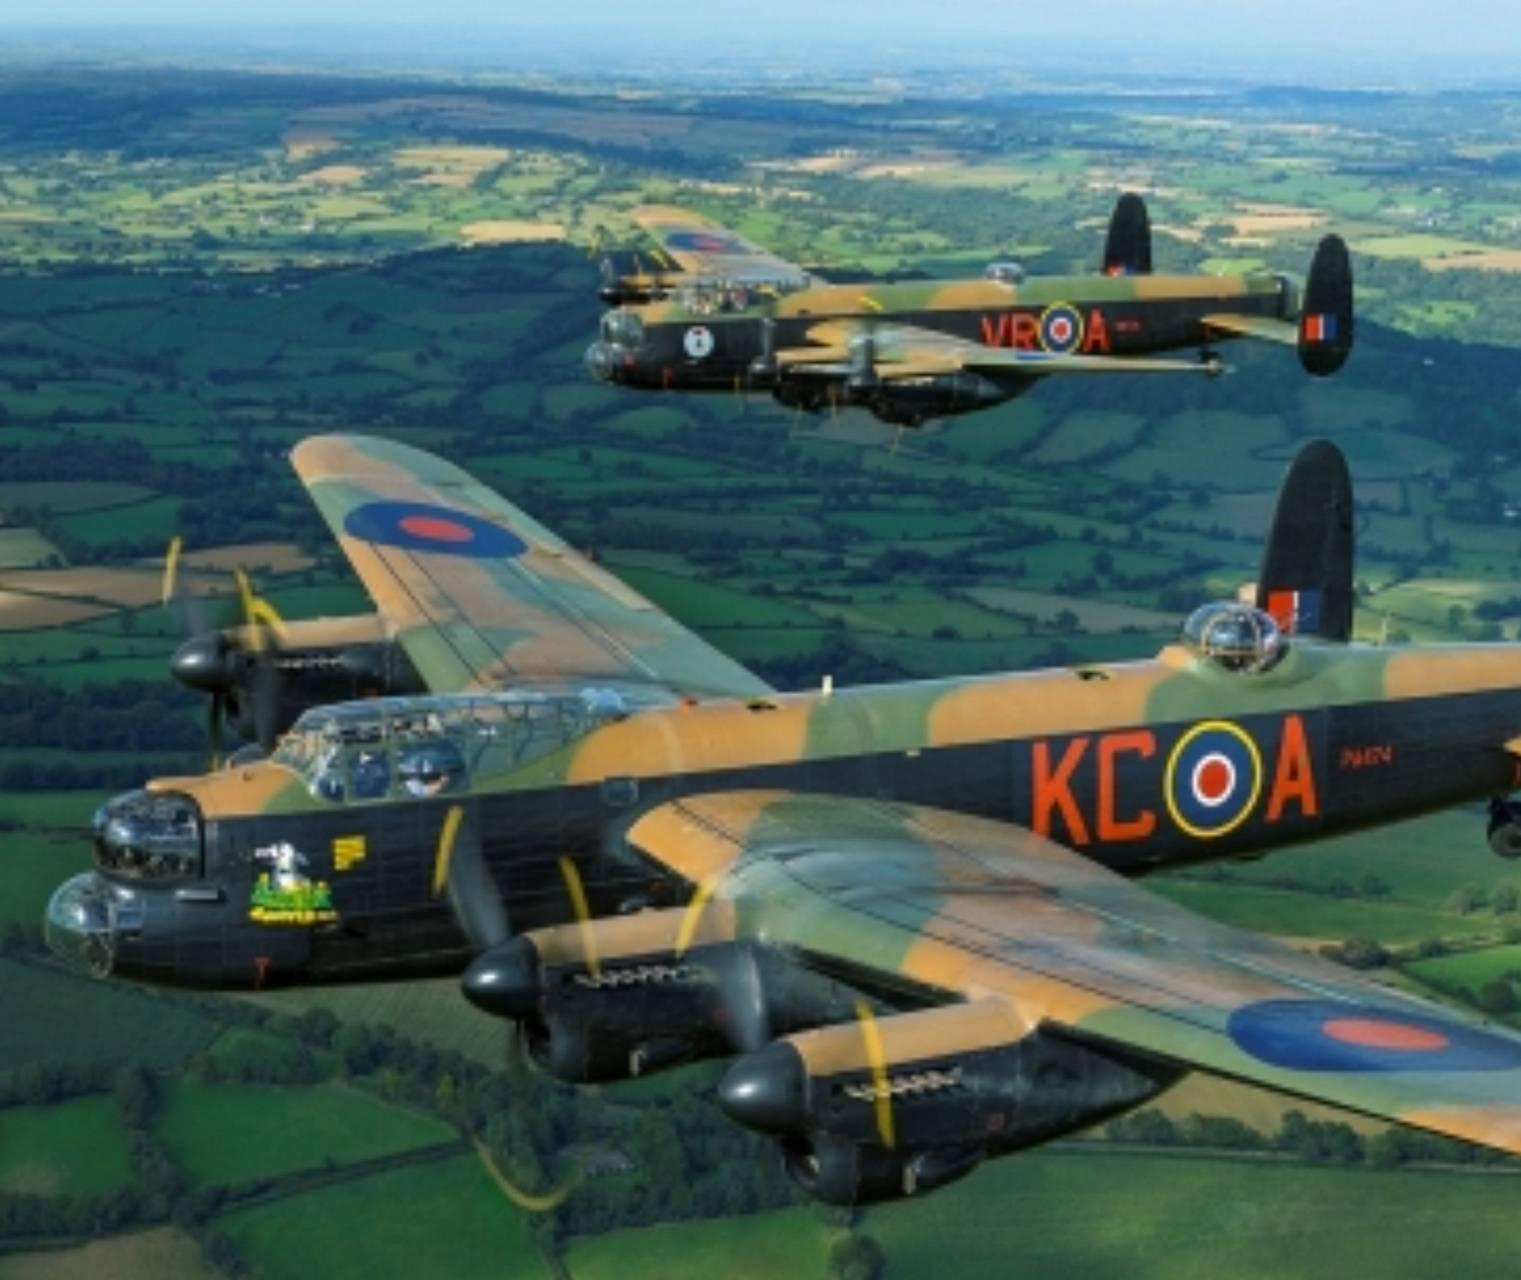 2 Lancasters